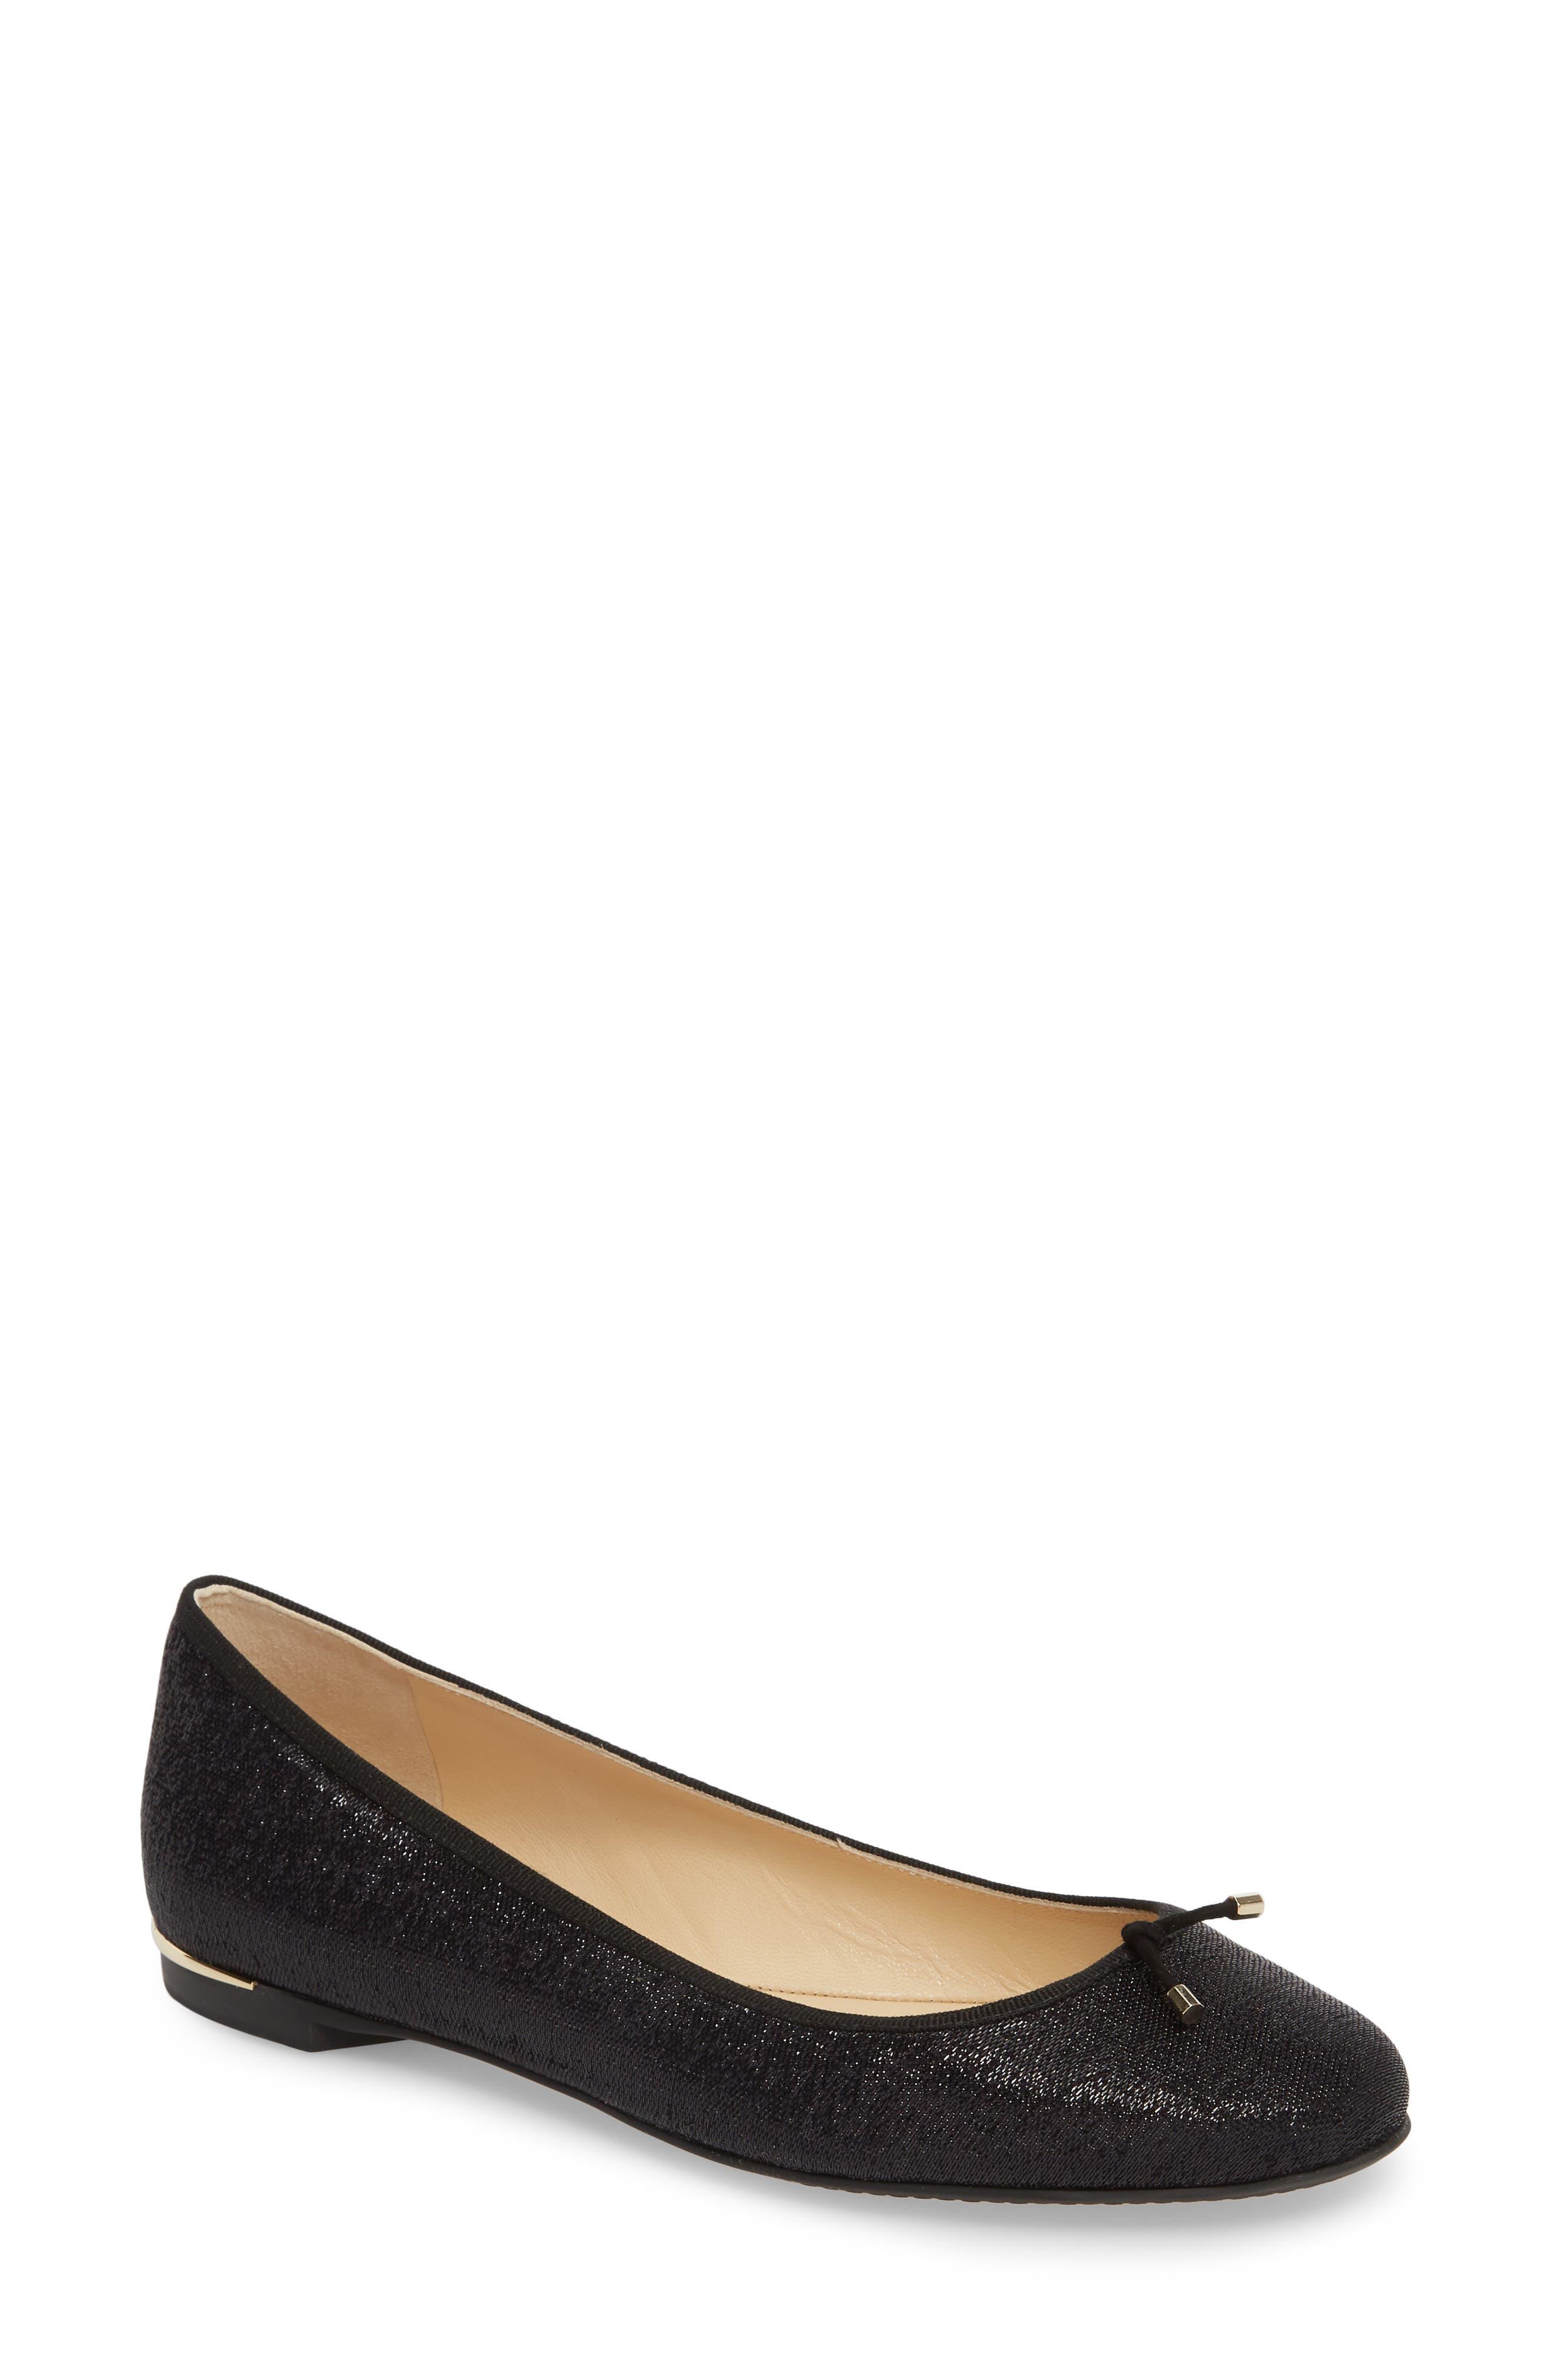 Jennie Ballet Flat,                         Main,                         color, Black